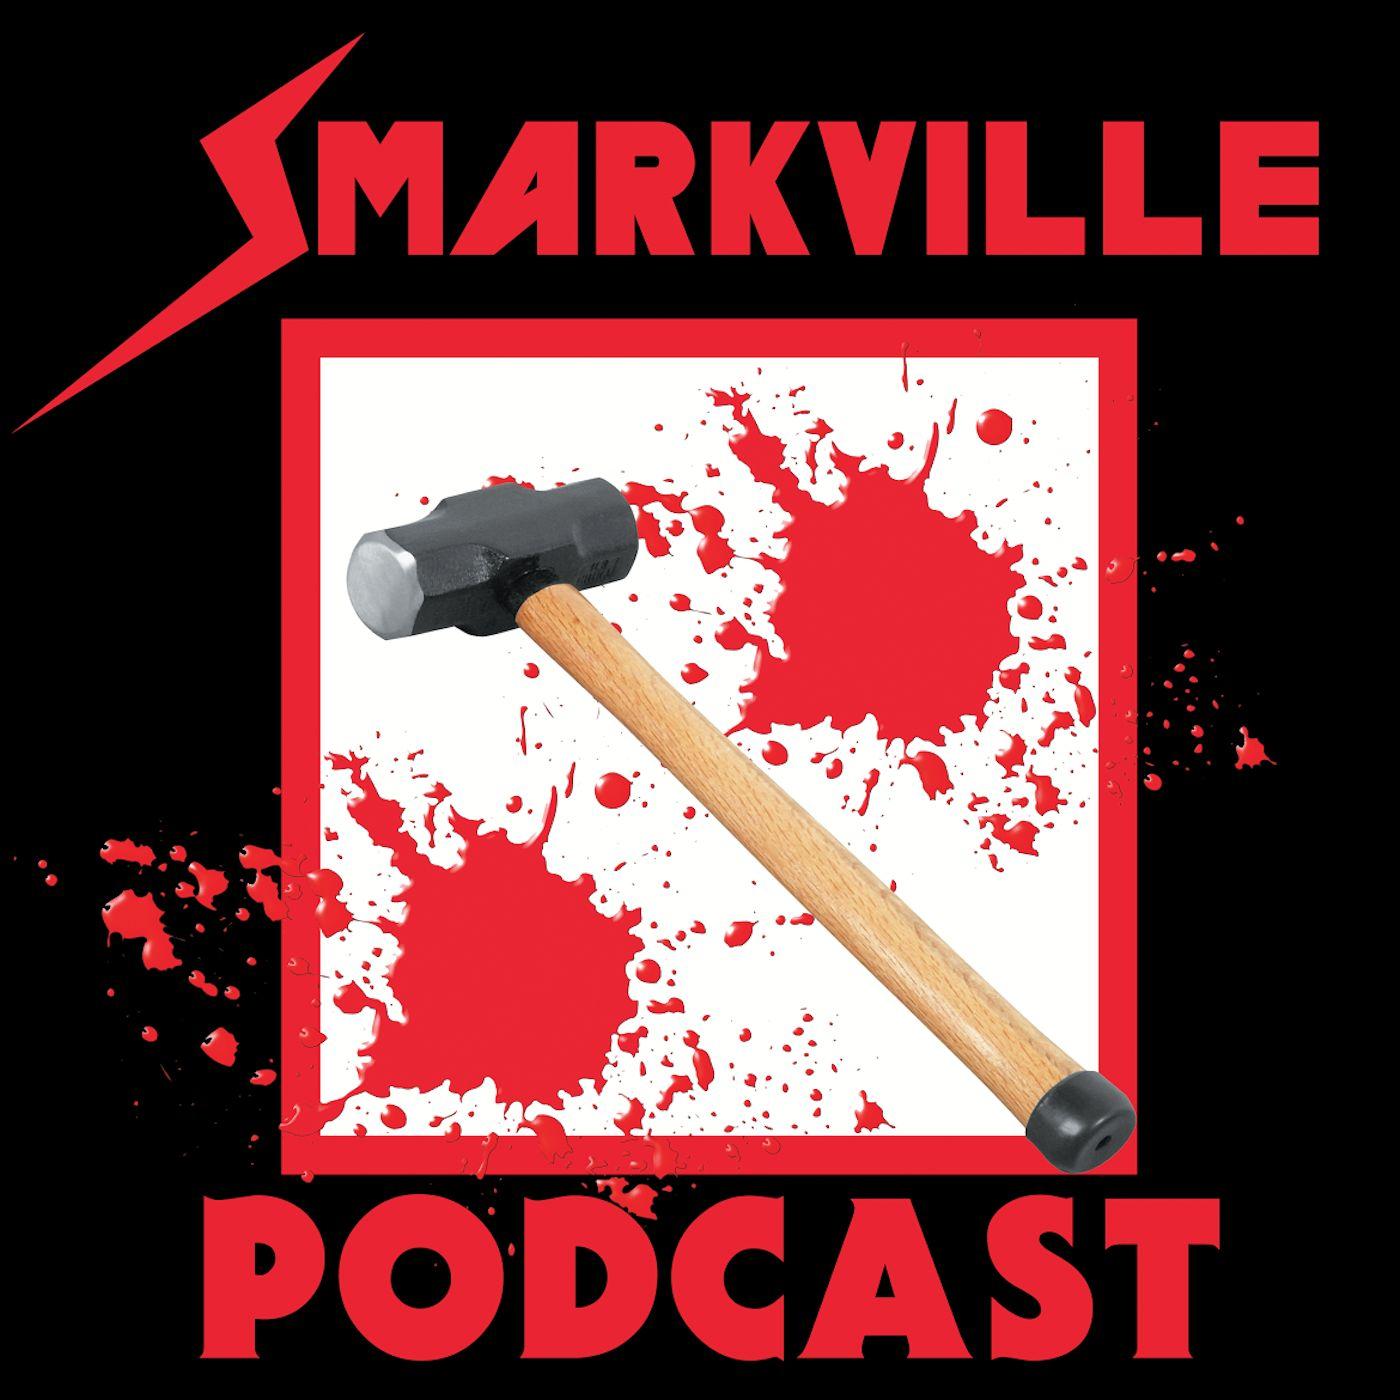 Smarkville